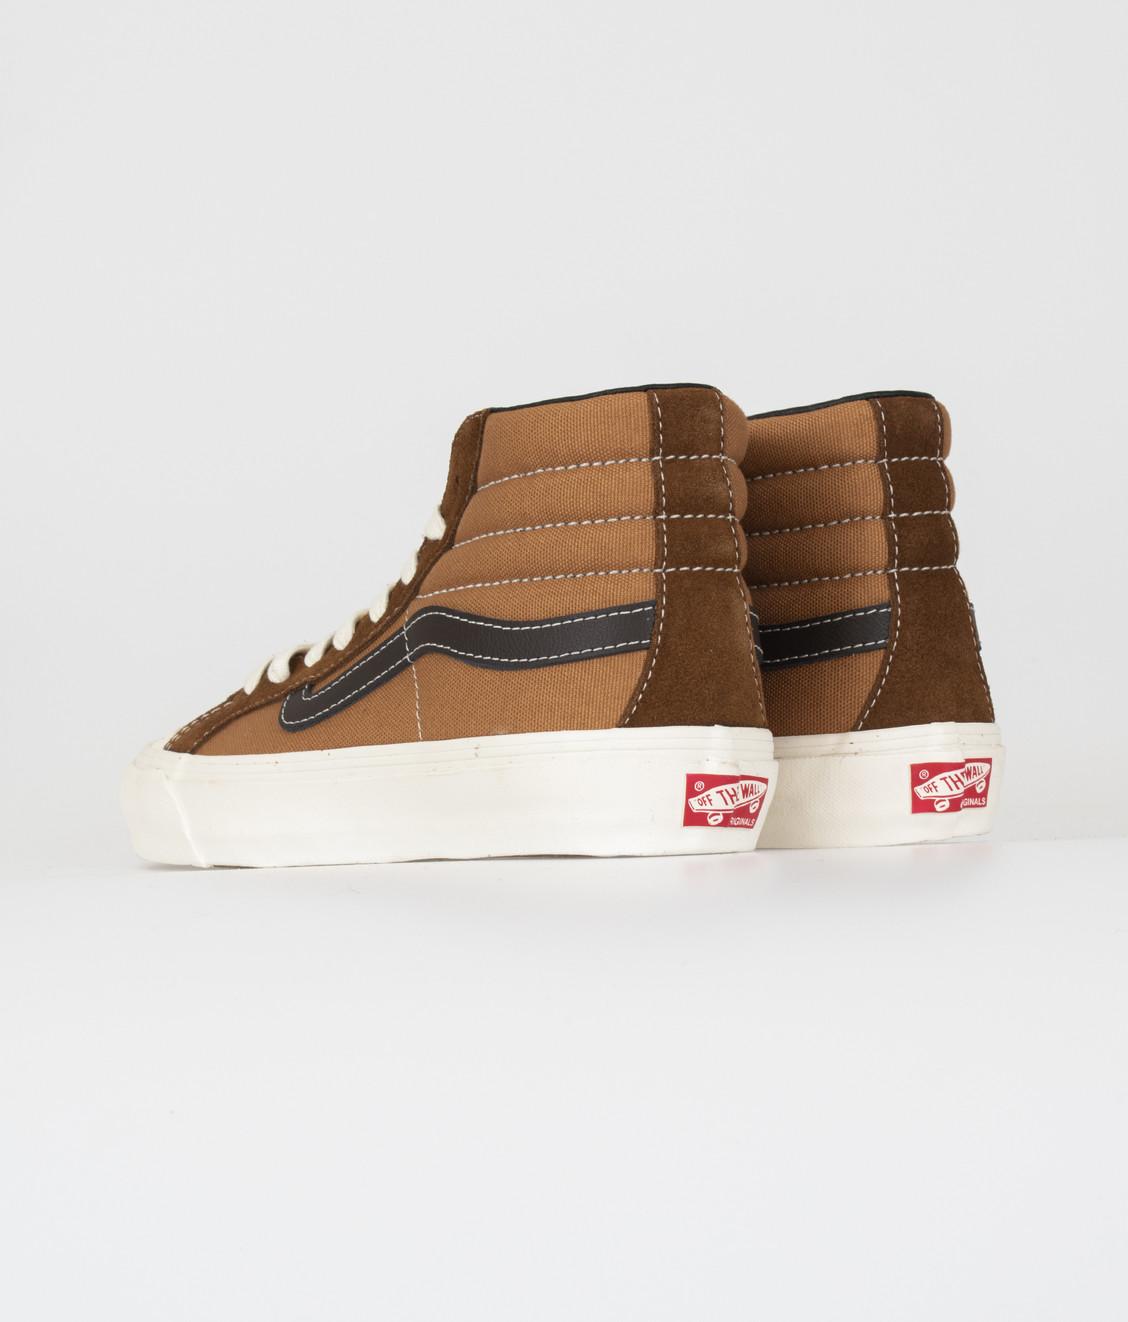 Vans Vans Vault Style 138 LX Coffee Bean Brown